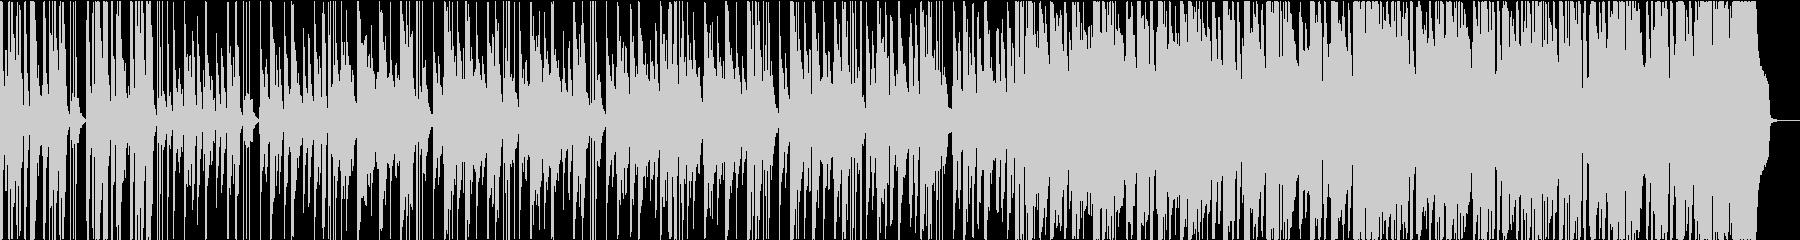 とぼけた日常のカントリーブルースの未再生の波形